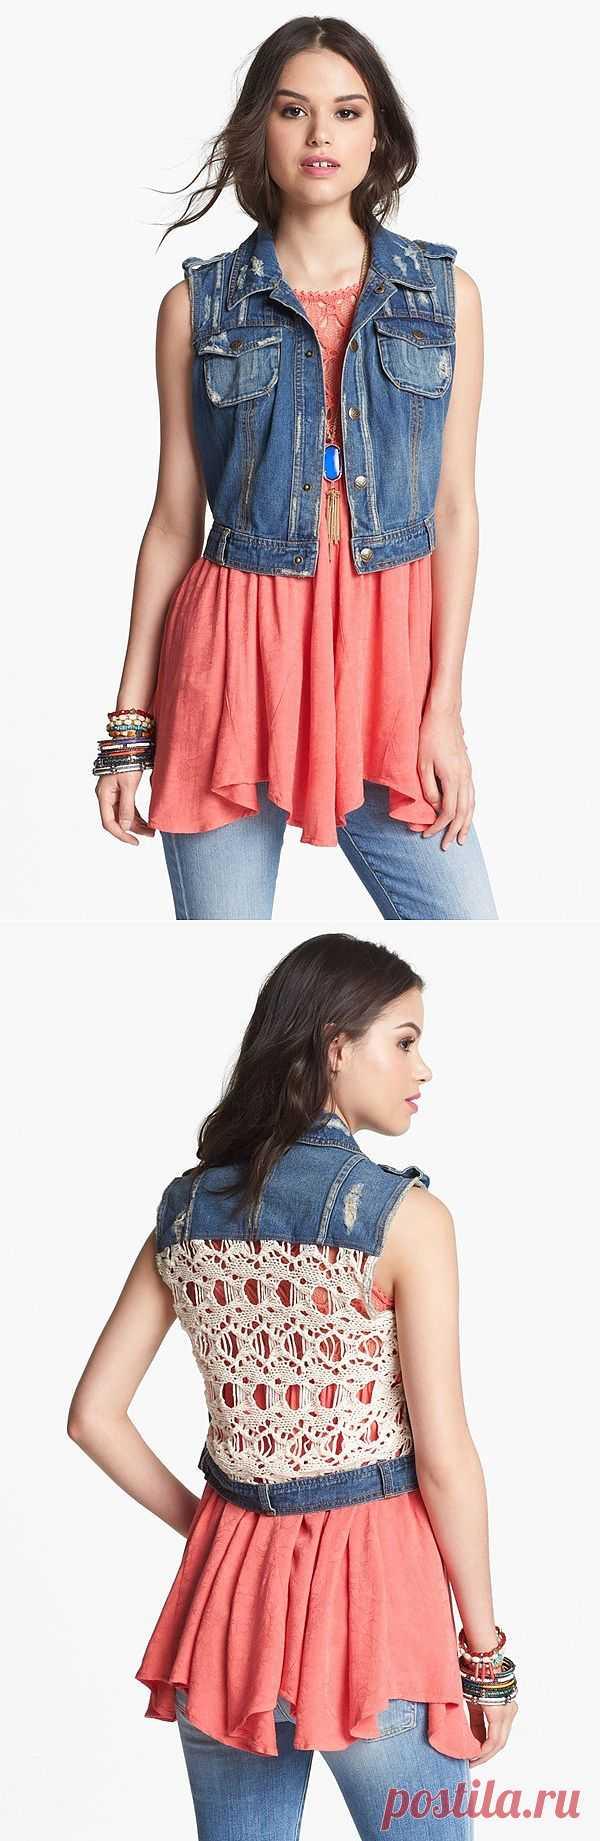 Жилет Free People / Жилеты / Модный сайт о стильной переделке одежды и интерьера